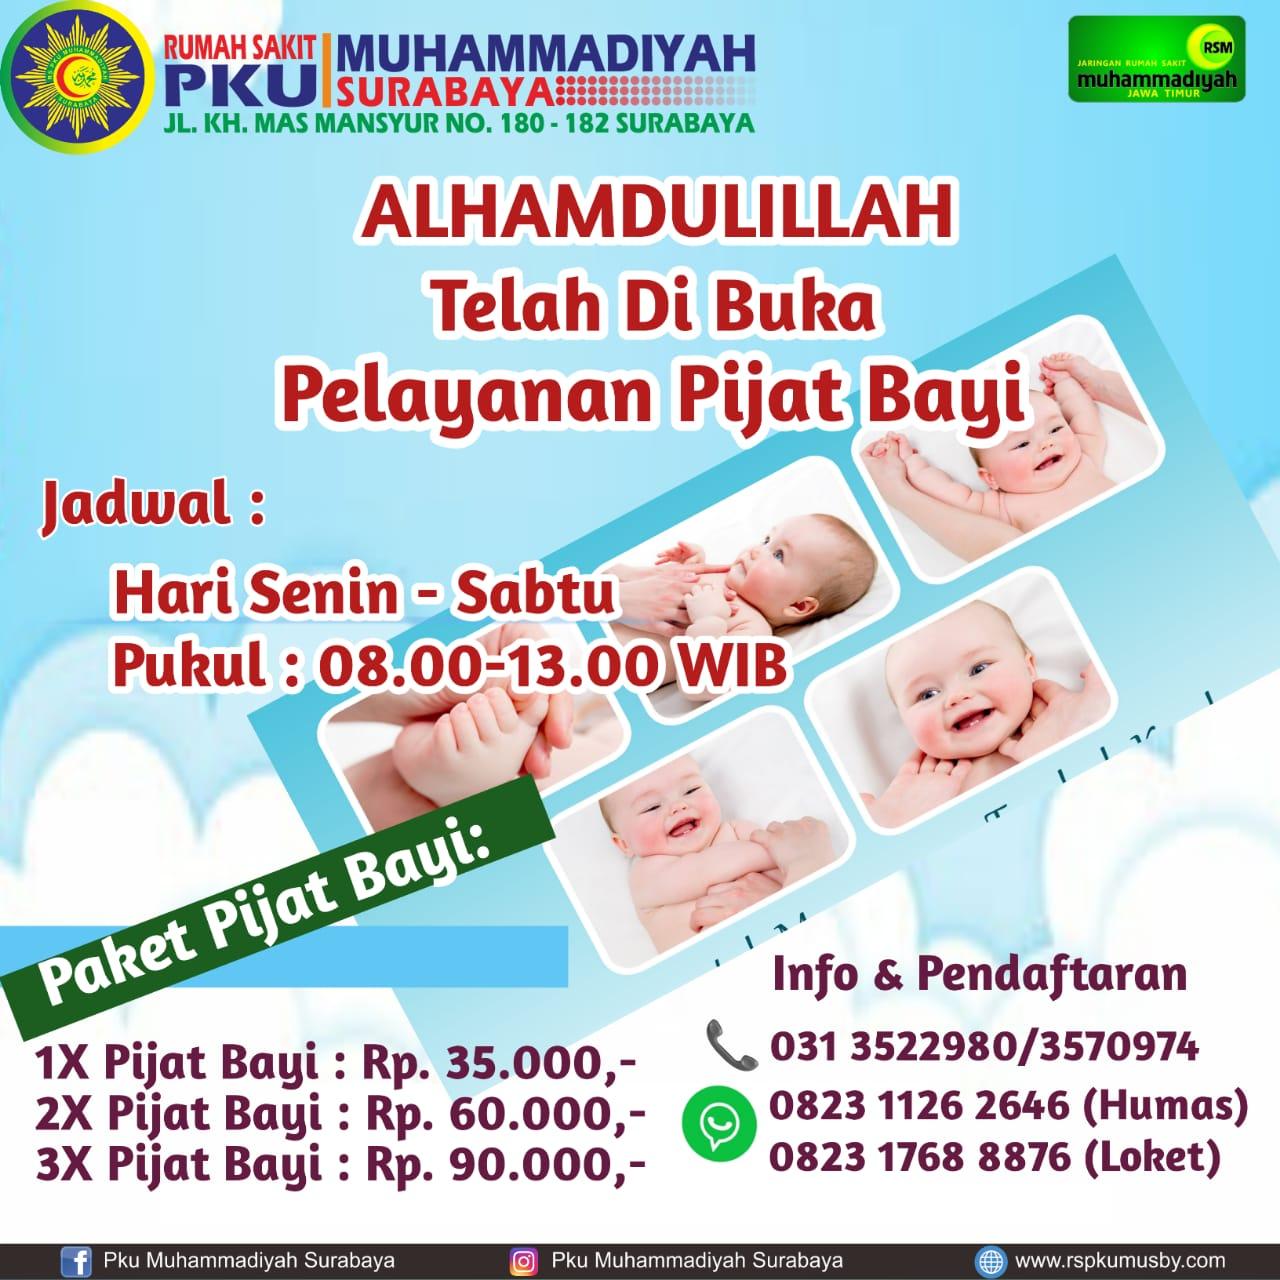 Paket Pijat Bayi